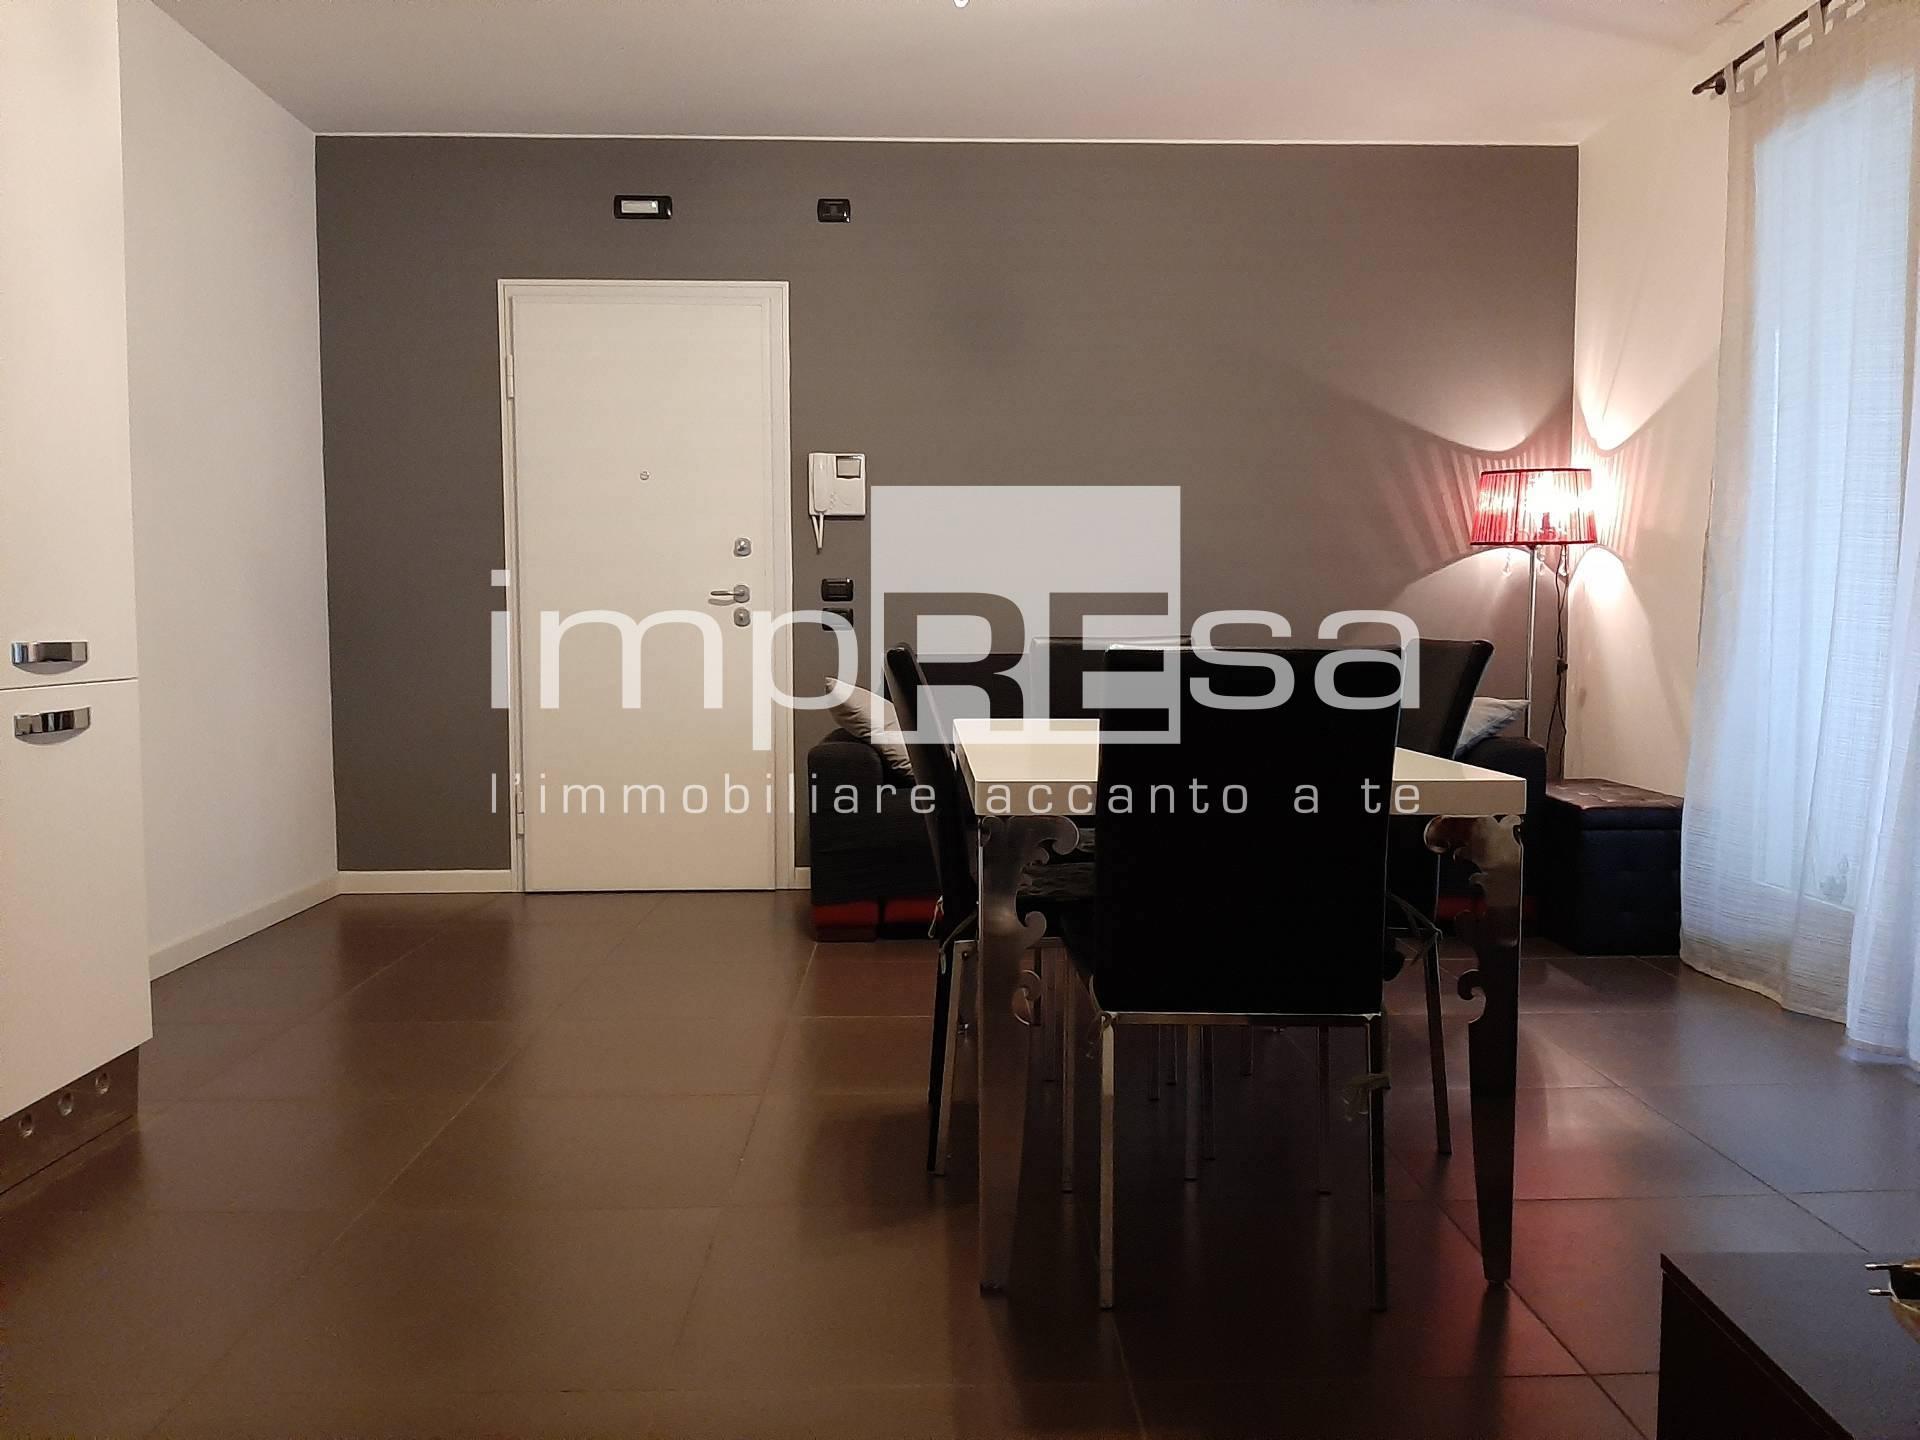 Appartamento in vendita a Trevignano, 2 locali, zona Zona: Signoressa, prezzo € 95.000 | CambioCasa.it